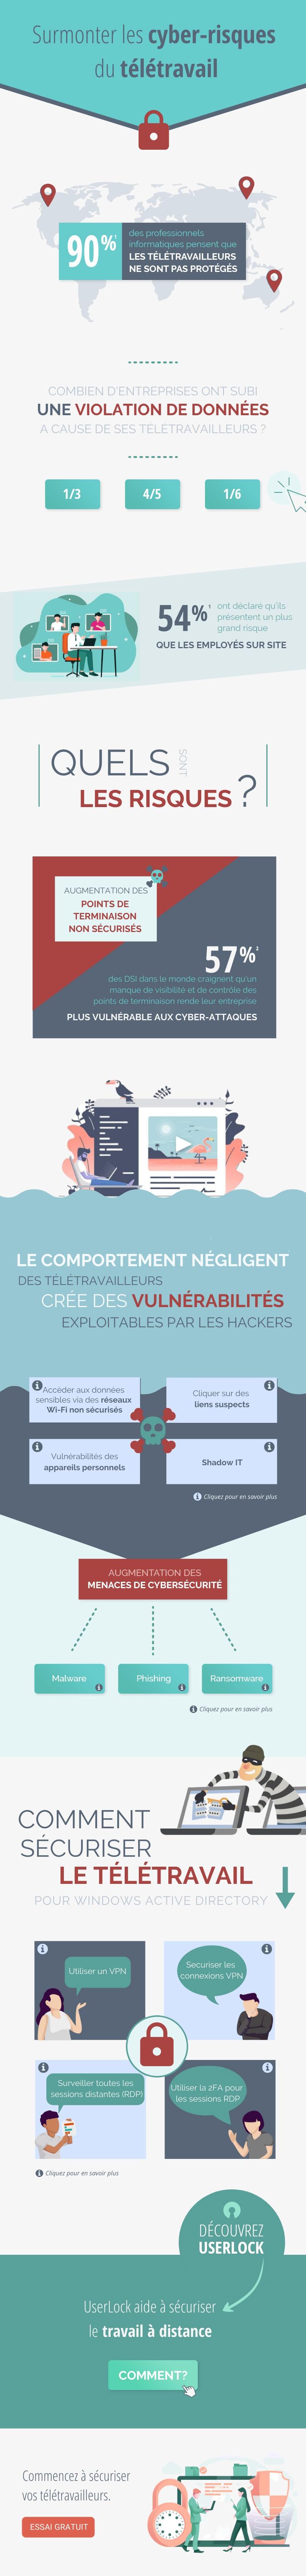 Infographic - Surmonter les cyber-risques du télétravail